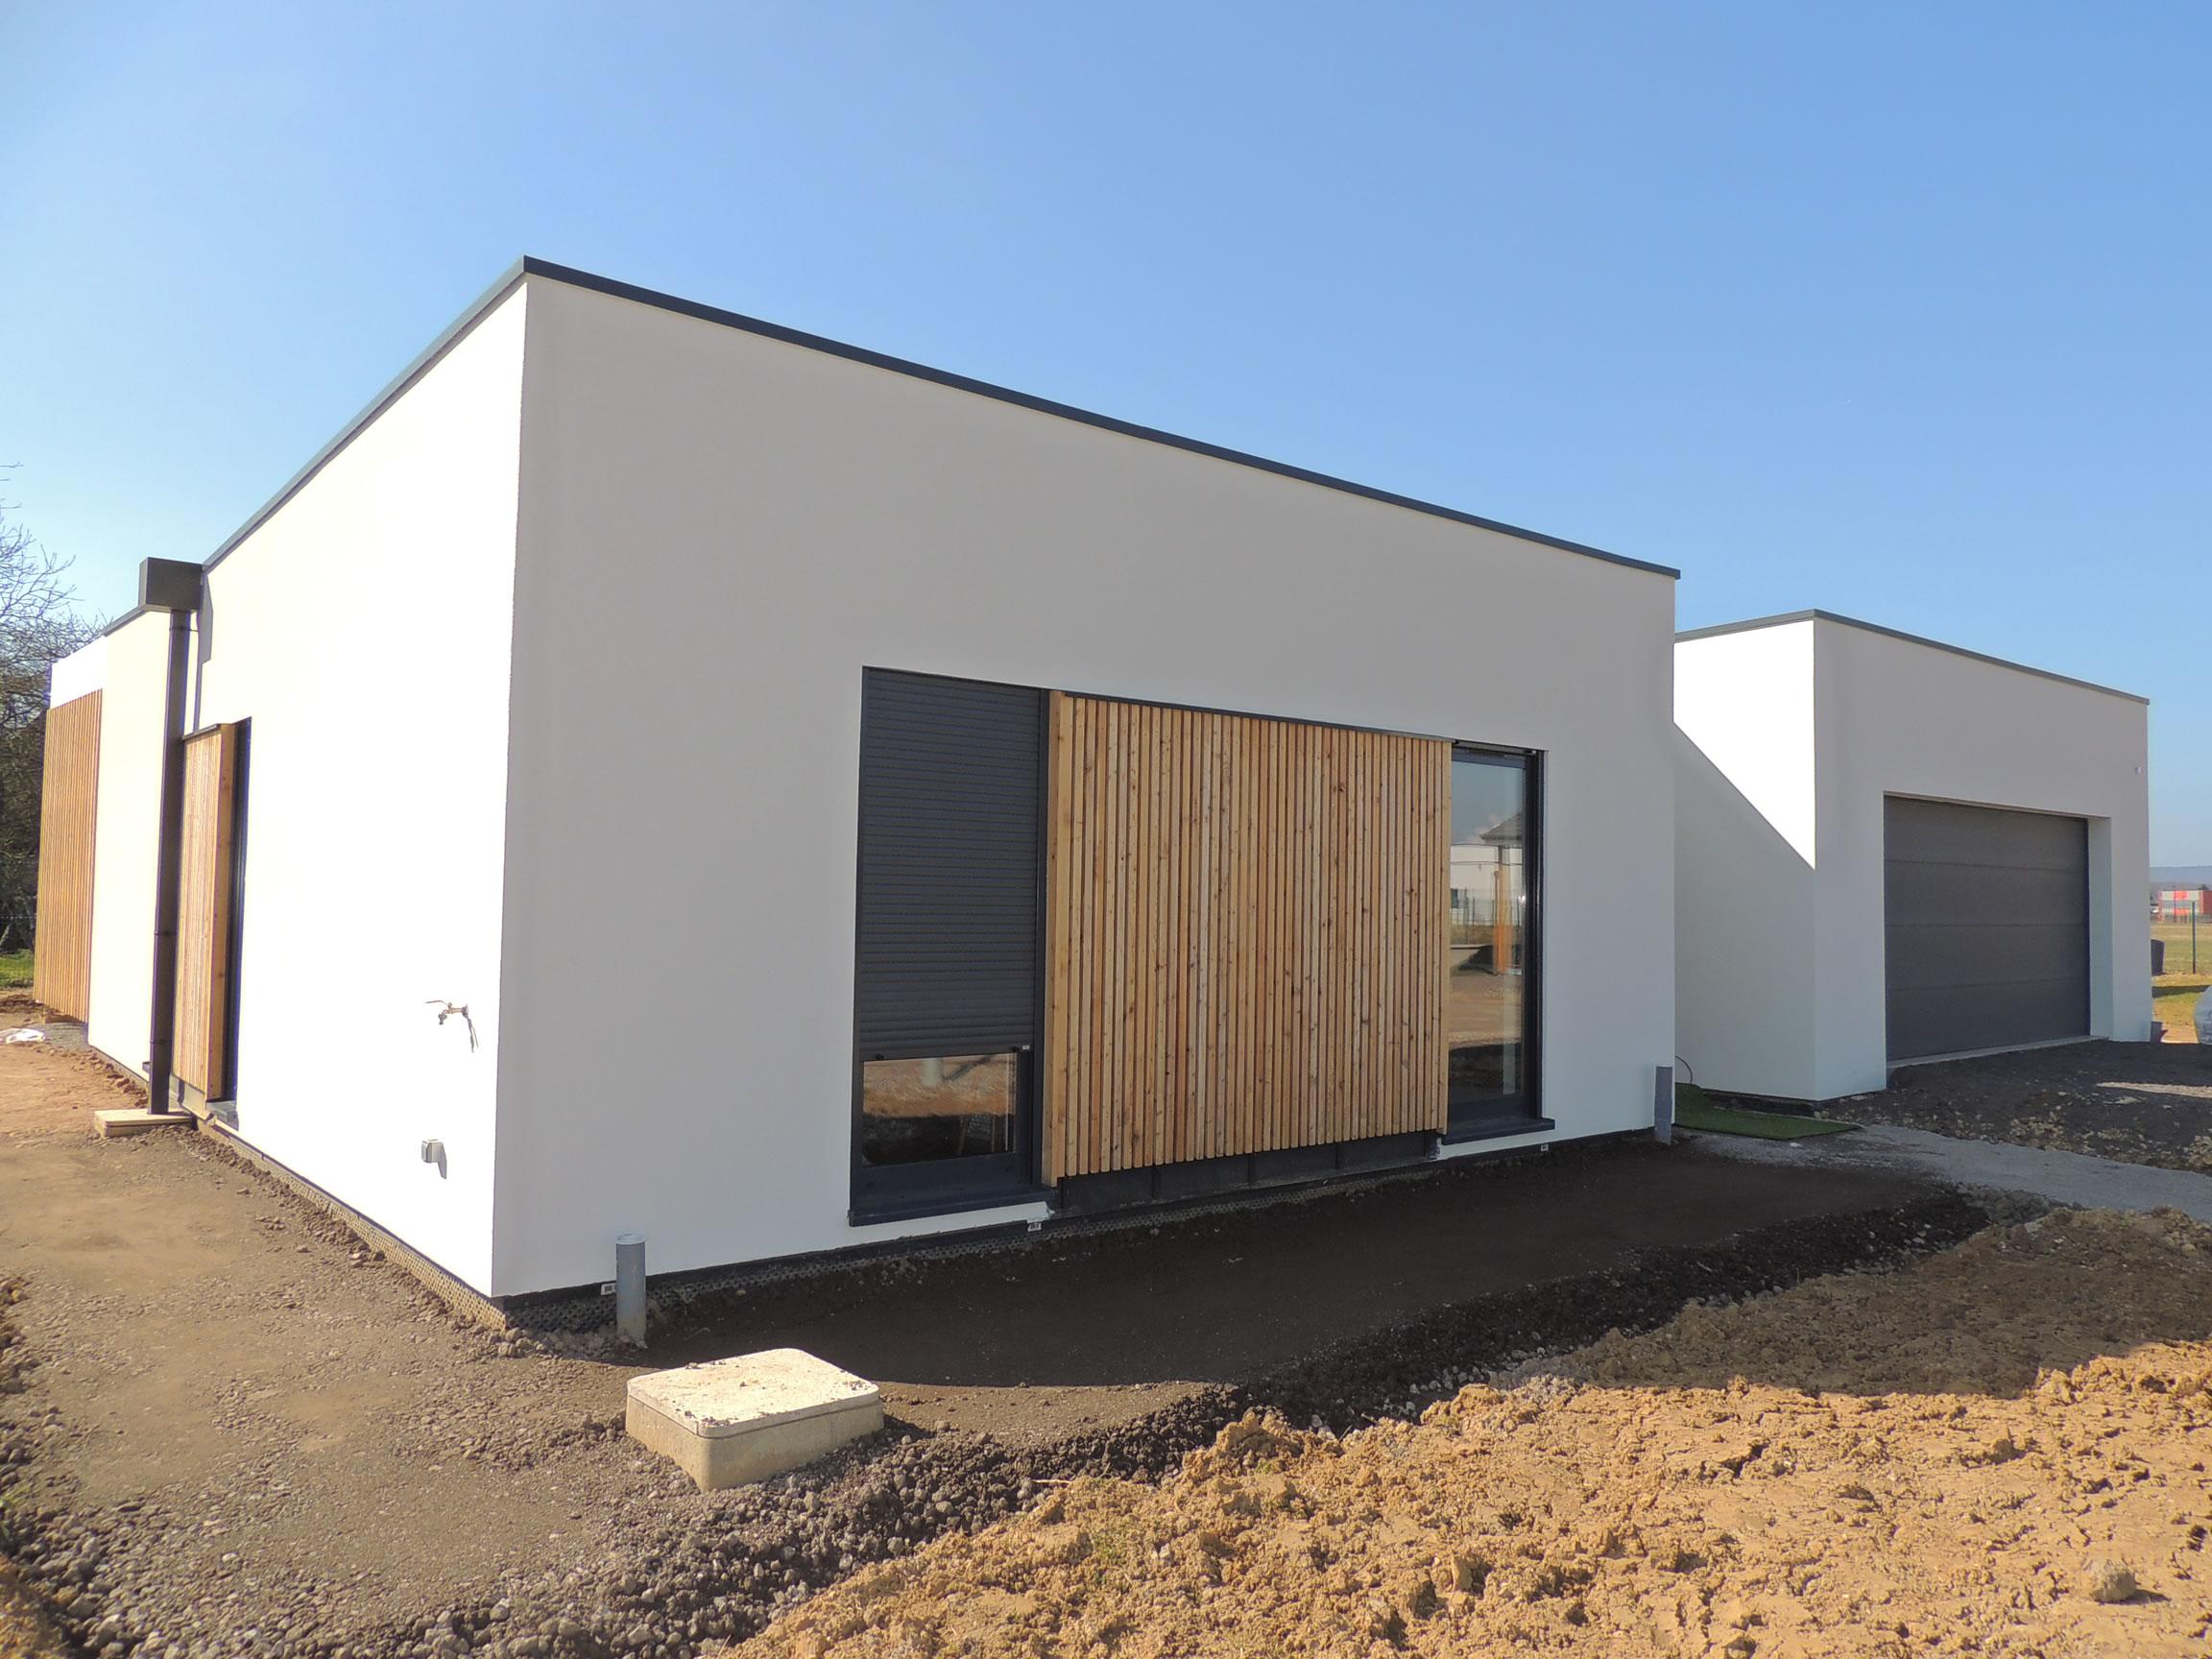 Constructeur maison bois thionville for Accessoire piscine thionville